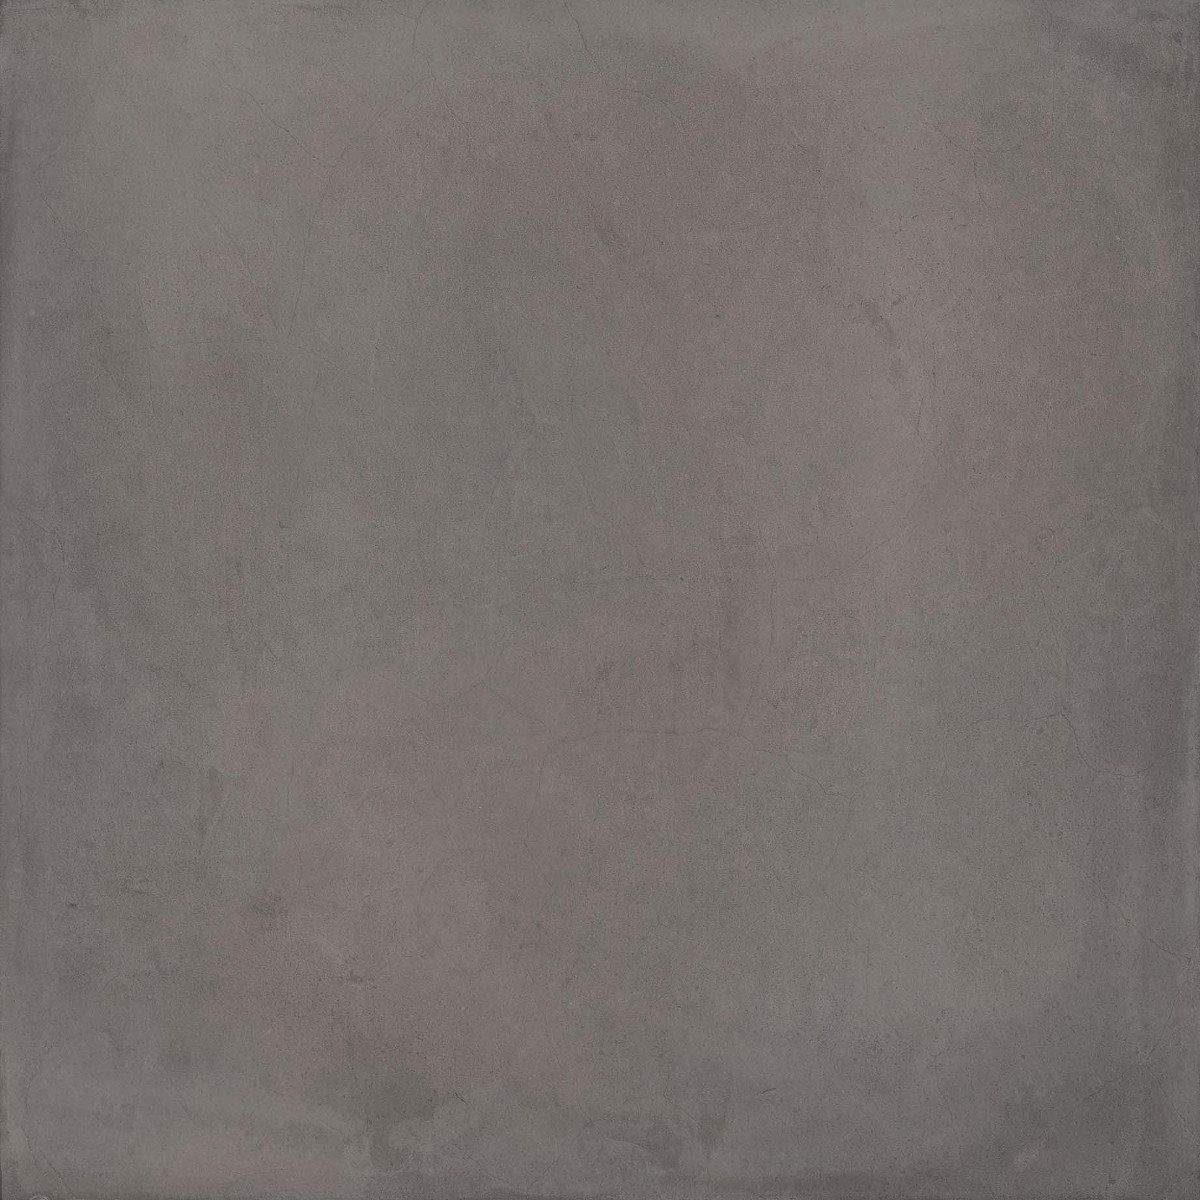 Carrelage gris anthracite mat 80x80cm LAVERTON-R GRAFITO - 1.28m² - zoom